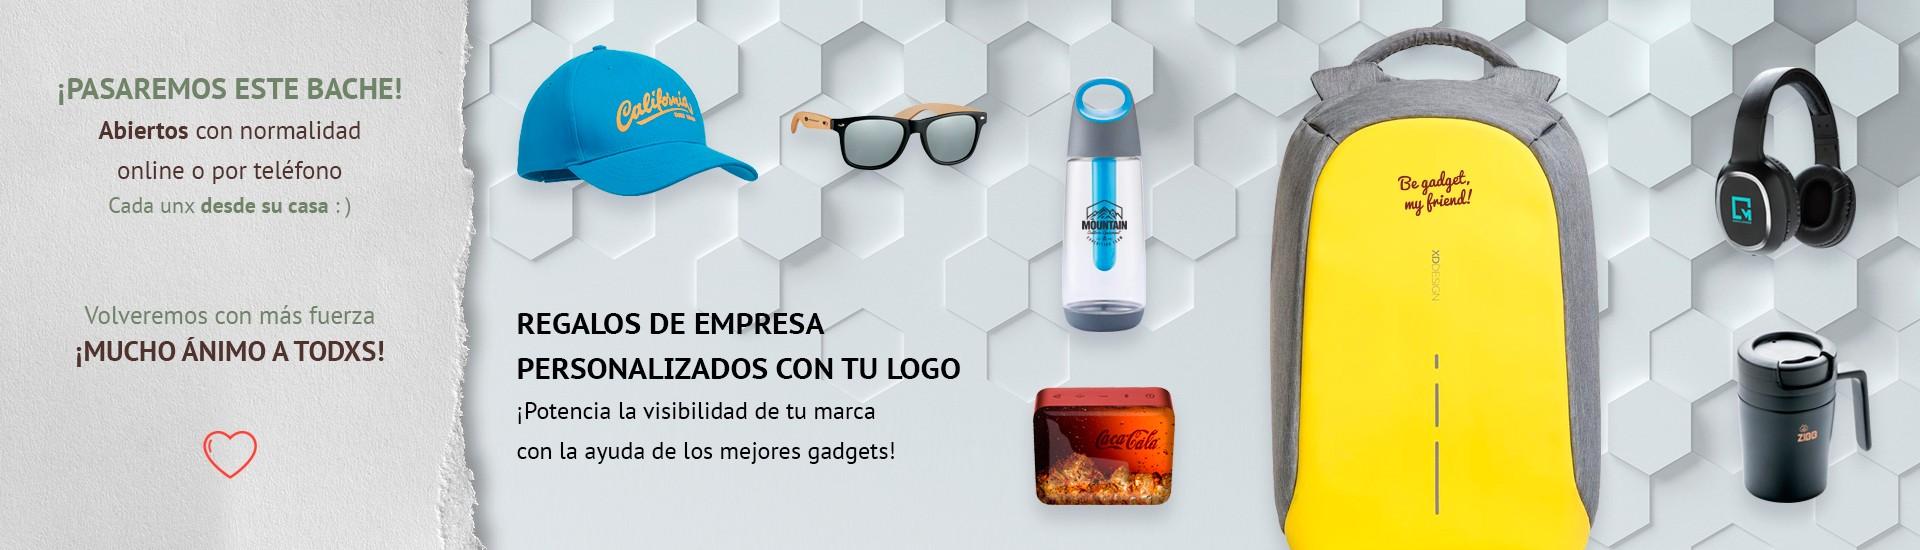 Regalos de empresa personalizados con tu logo